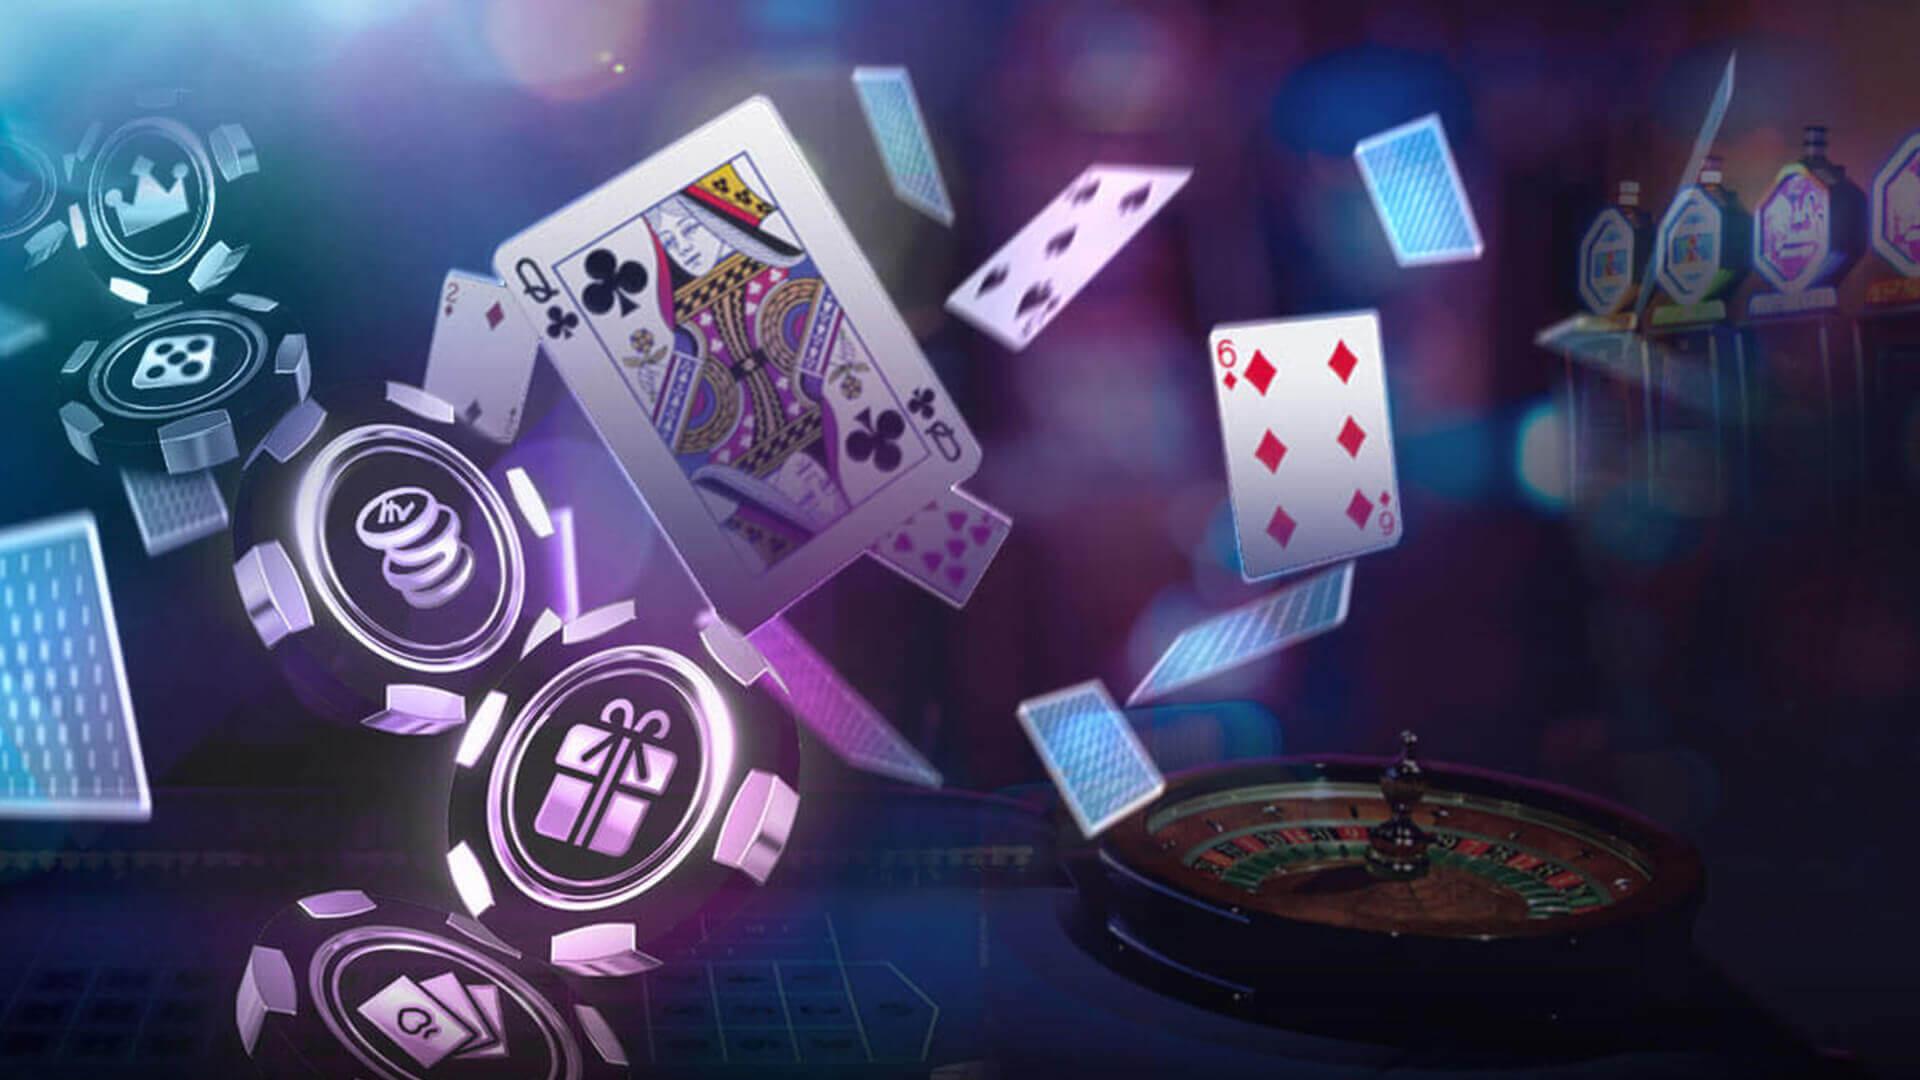 Pankkivaihtoehdot Online CasinoilleSuomessa